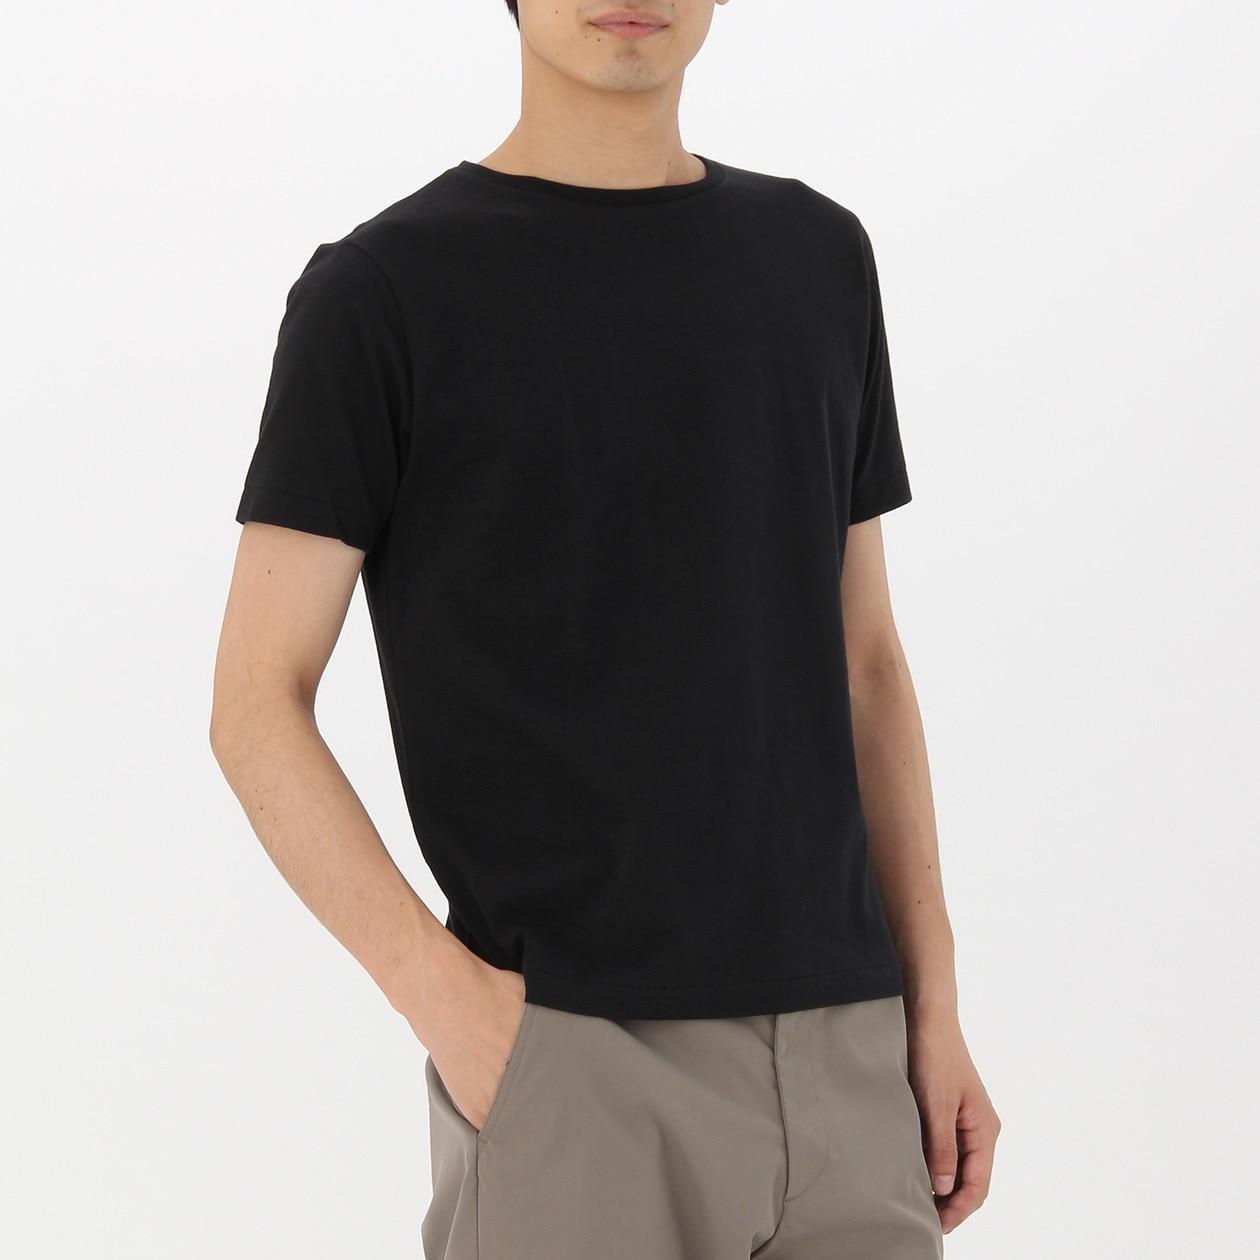 綿クルーネック半袖Tシャツ・ヘビーウェイト・2枚組 紳士S・黒